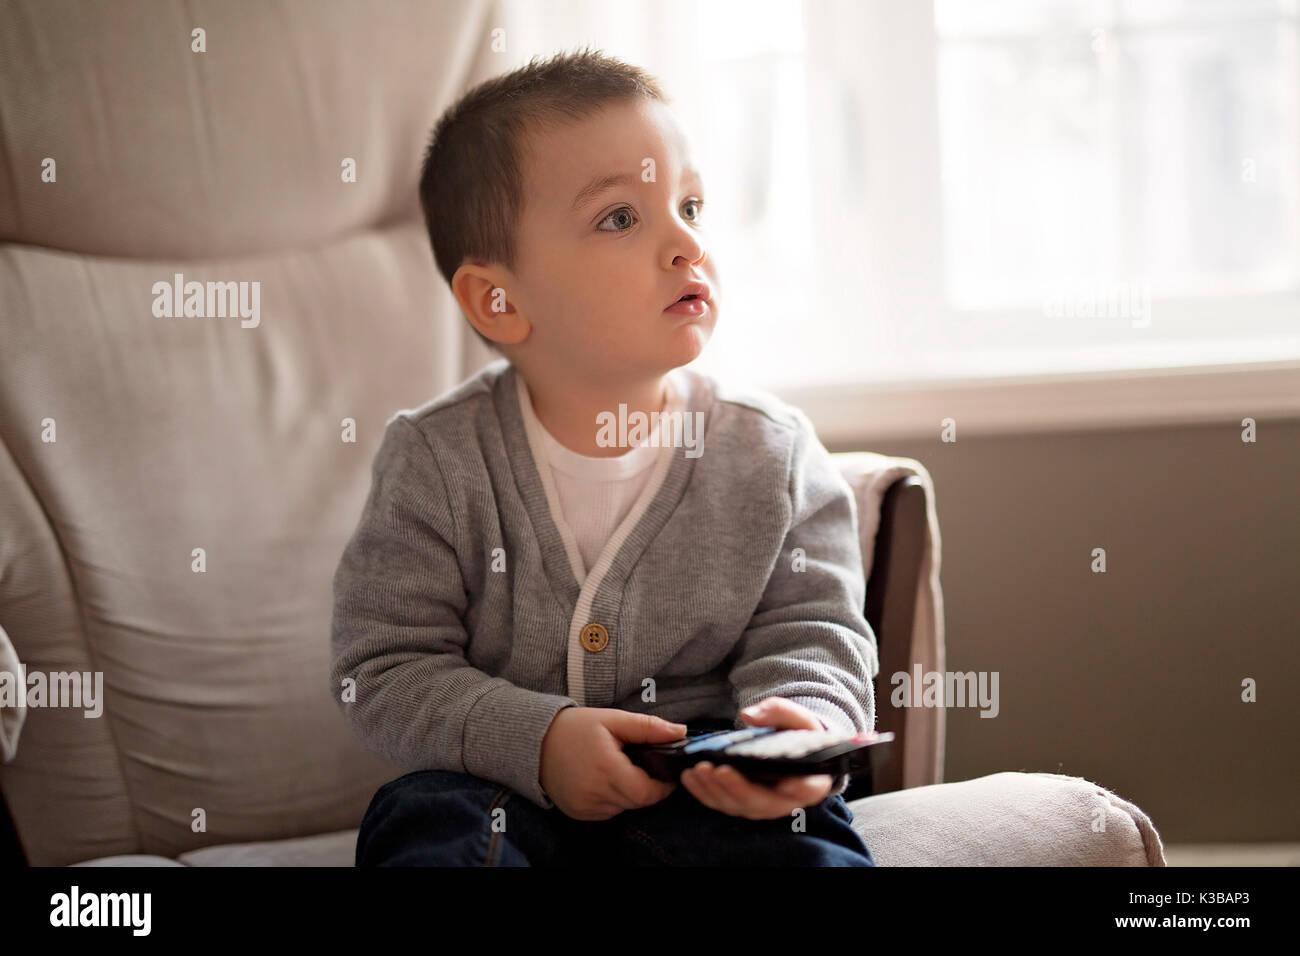 d9aa56294 Chico está viendo la televisión mientras está sentado en un sofá Imagen De  Stock